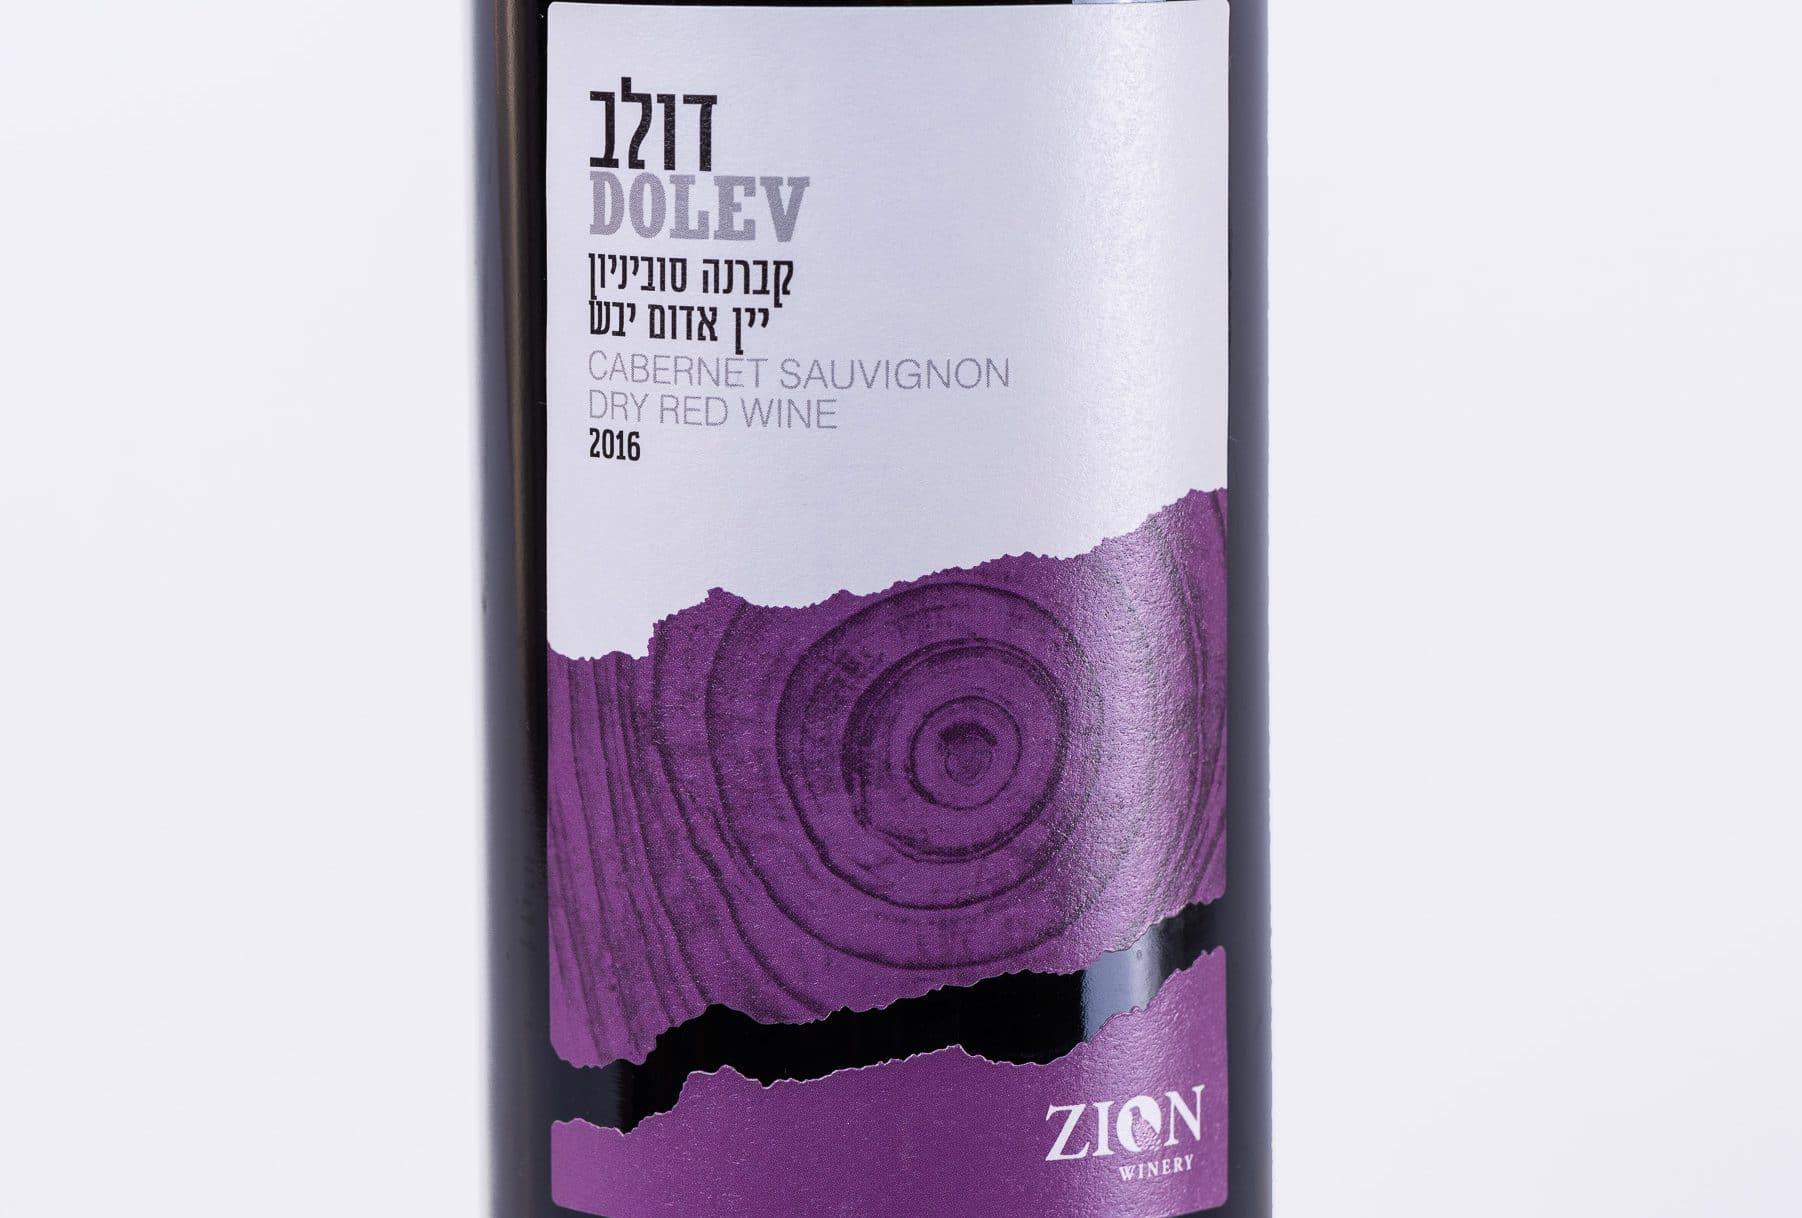 בקבוק יין של יקב דולב עם תווית על הבקבוק בצבע לבן וסגול. כתוב על תווית הבקבוק שהוא יין אדום יבש, קברנה סוביניון, שנת בציר 2016